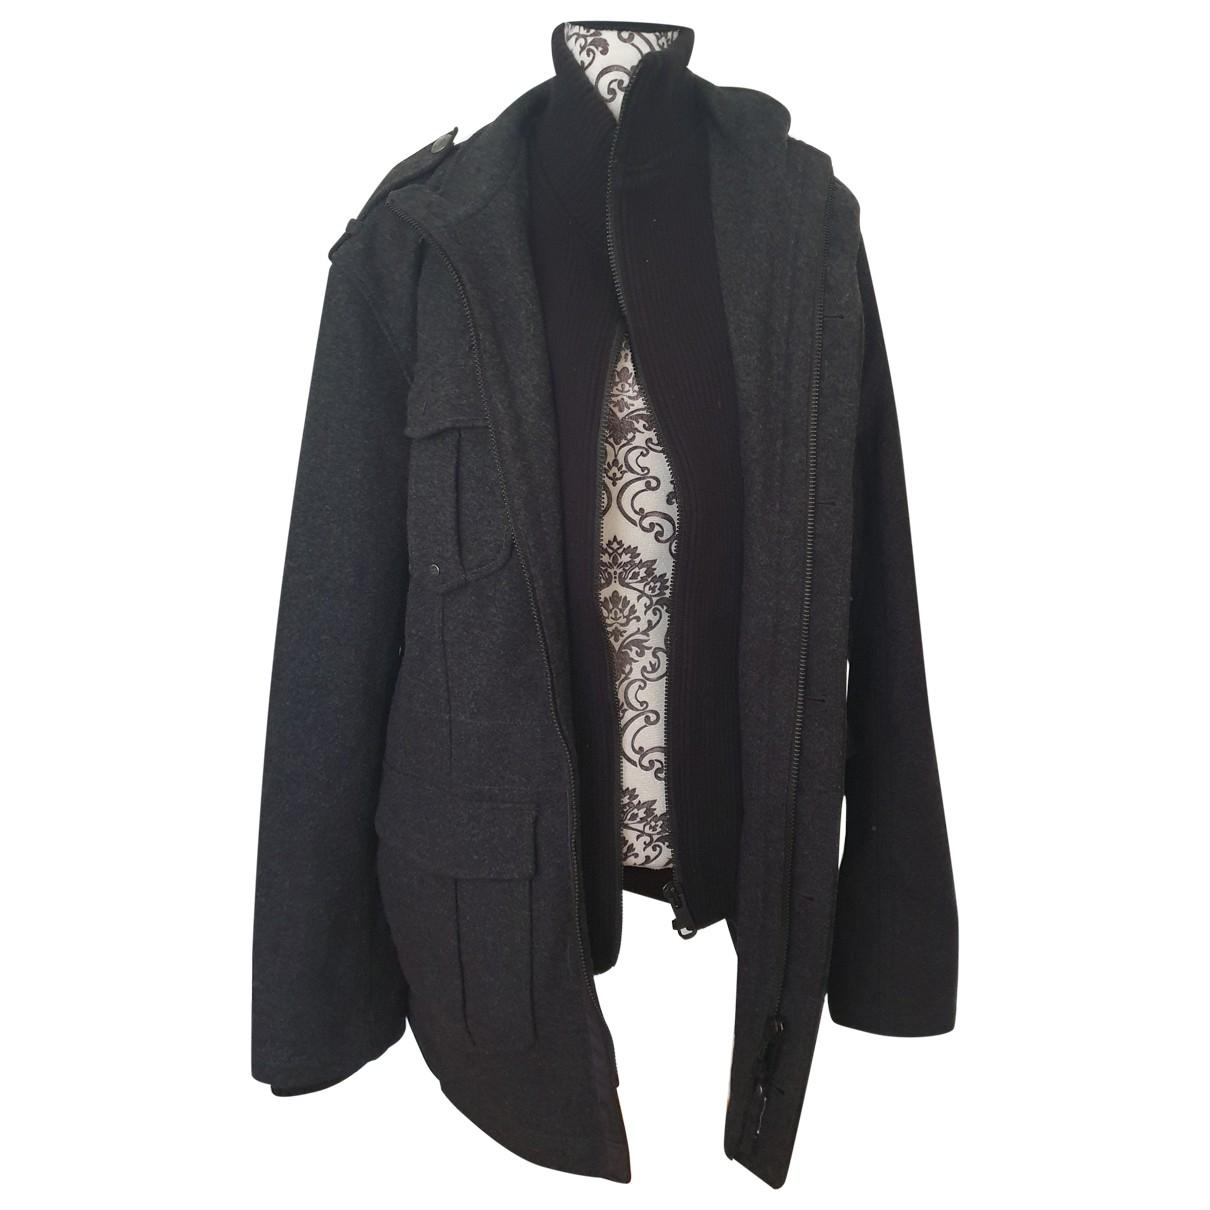 Esprit - Manteau   pour homme en laine - gris